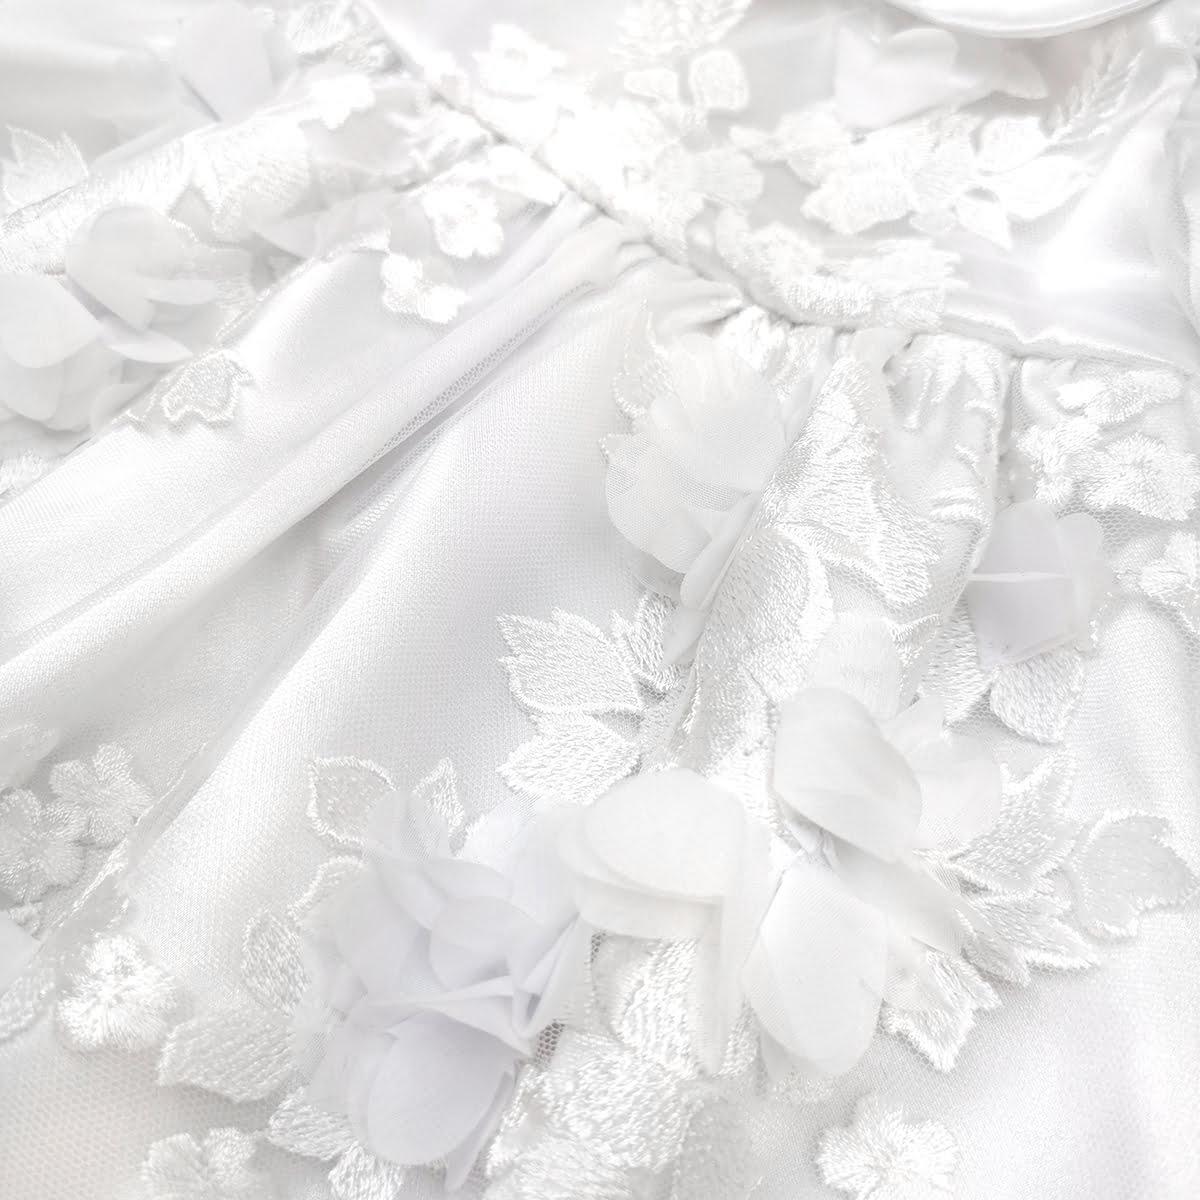 trodimenzionalni cvjetići na Magnolia haljini za krštenje